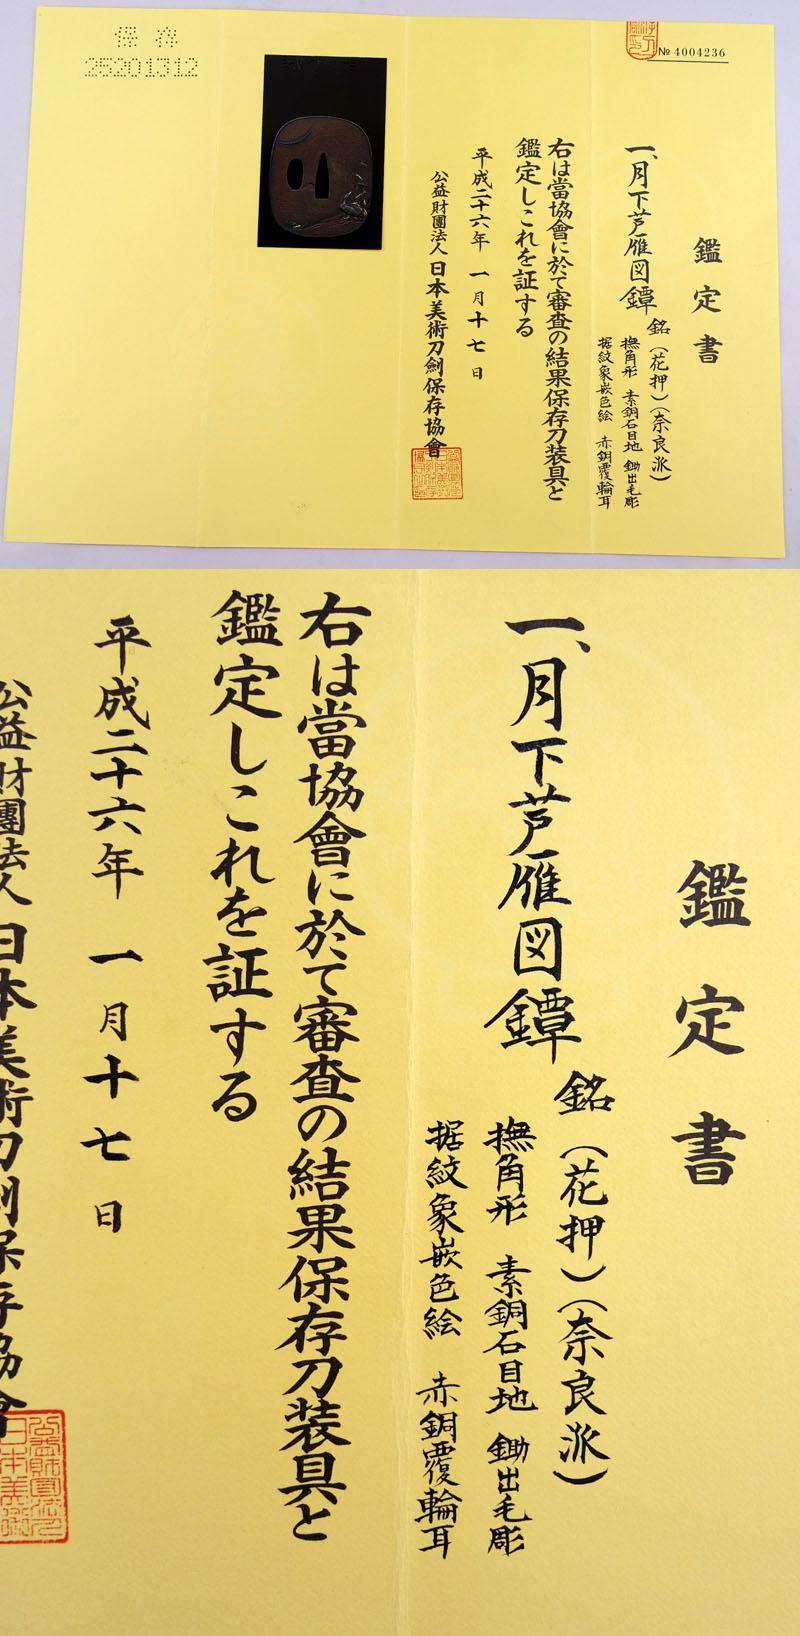 月下芦雁図鍔(花押)(奈良派) Picture of Certificate